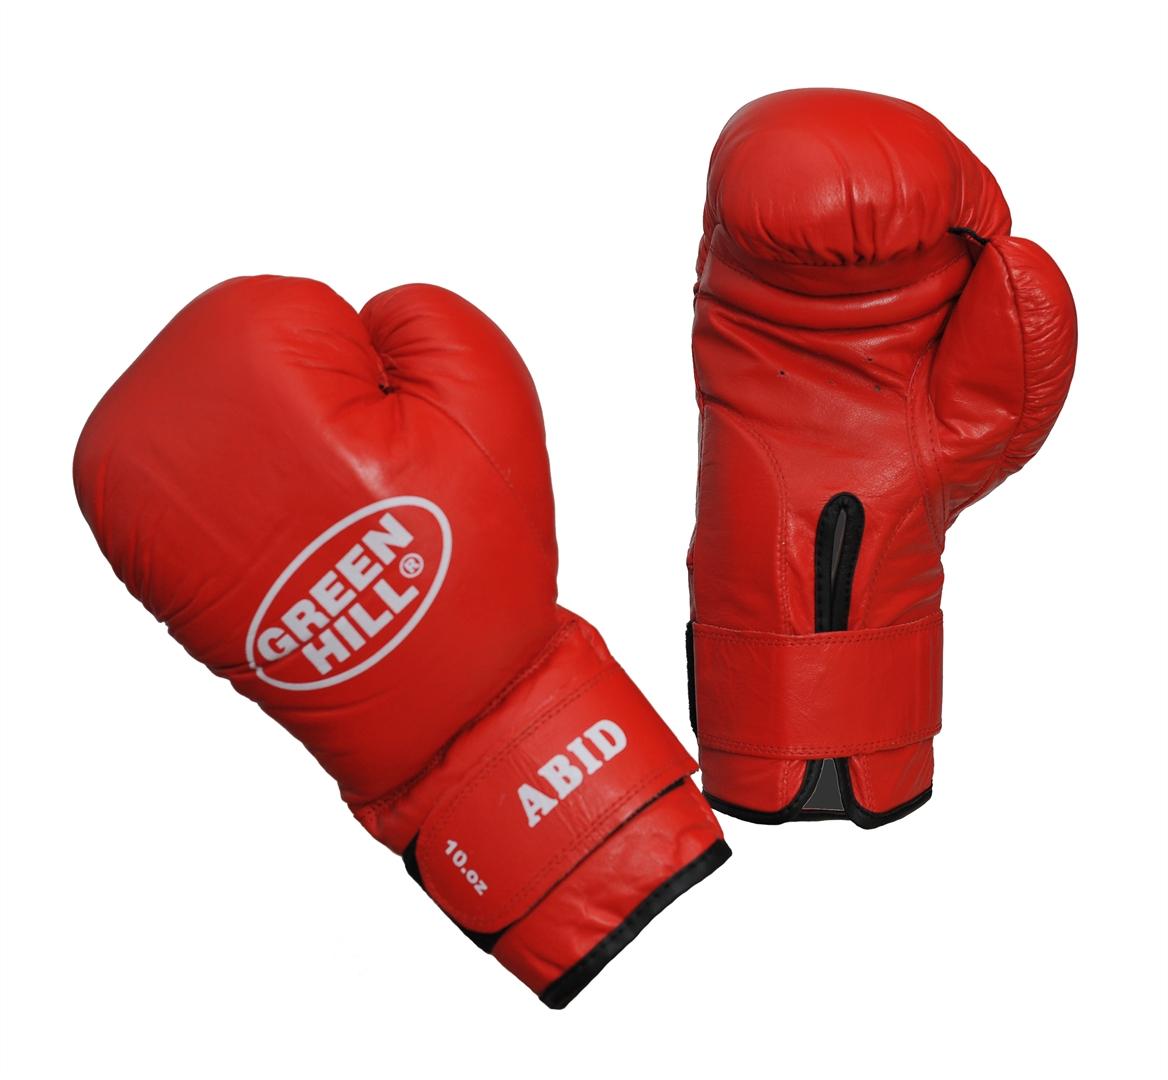 Перчатки боксерские Green Hill Abid, цвет: красный. Вес 10 унцийAIRWHEEL Q3-340WH-BLACKБоксерские тренировочные перчатки Green Hill Abid отлично подойдут для начинающих спортсменов. Верх выполнен из натуральной кожи. Мягкий наполнитель из очеса предотвращает любые травмы. Широкий ремень, охватывая запястье, полностью оборачивается вокруг манжеты, благодаря чему создается дополнительная защита лучезапястного сустава от травмирования. Застежка на липучке способствует быстрому и удобному одеванию перчаток, плотно фиксирует перчатки на руке.